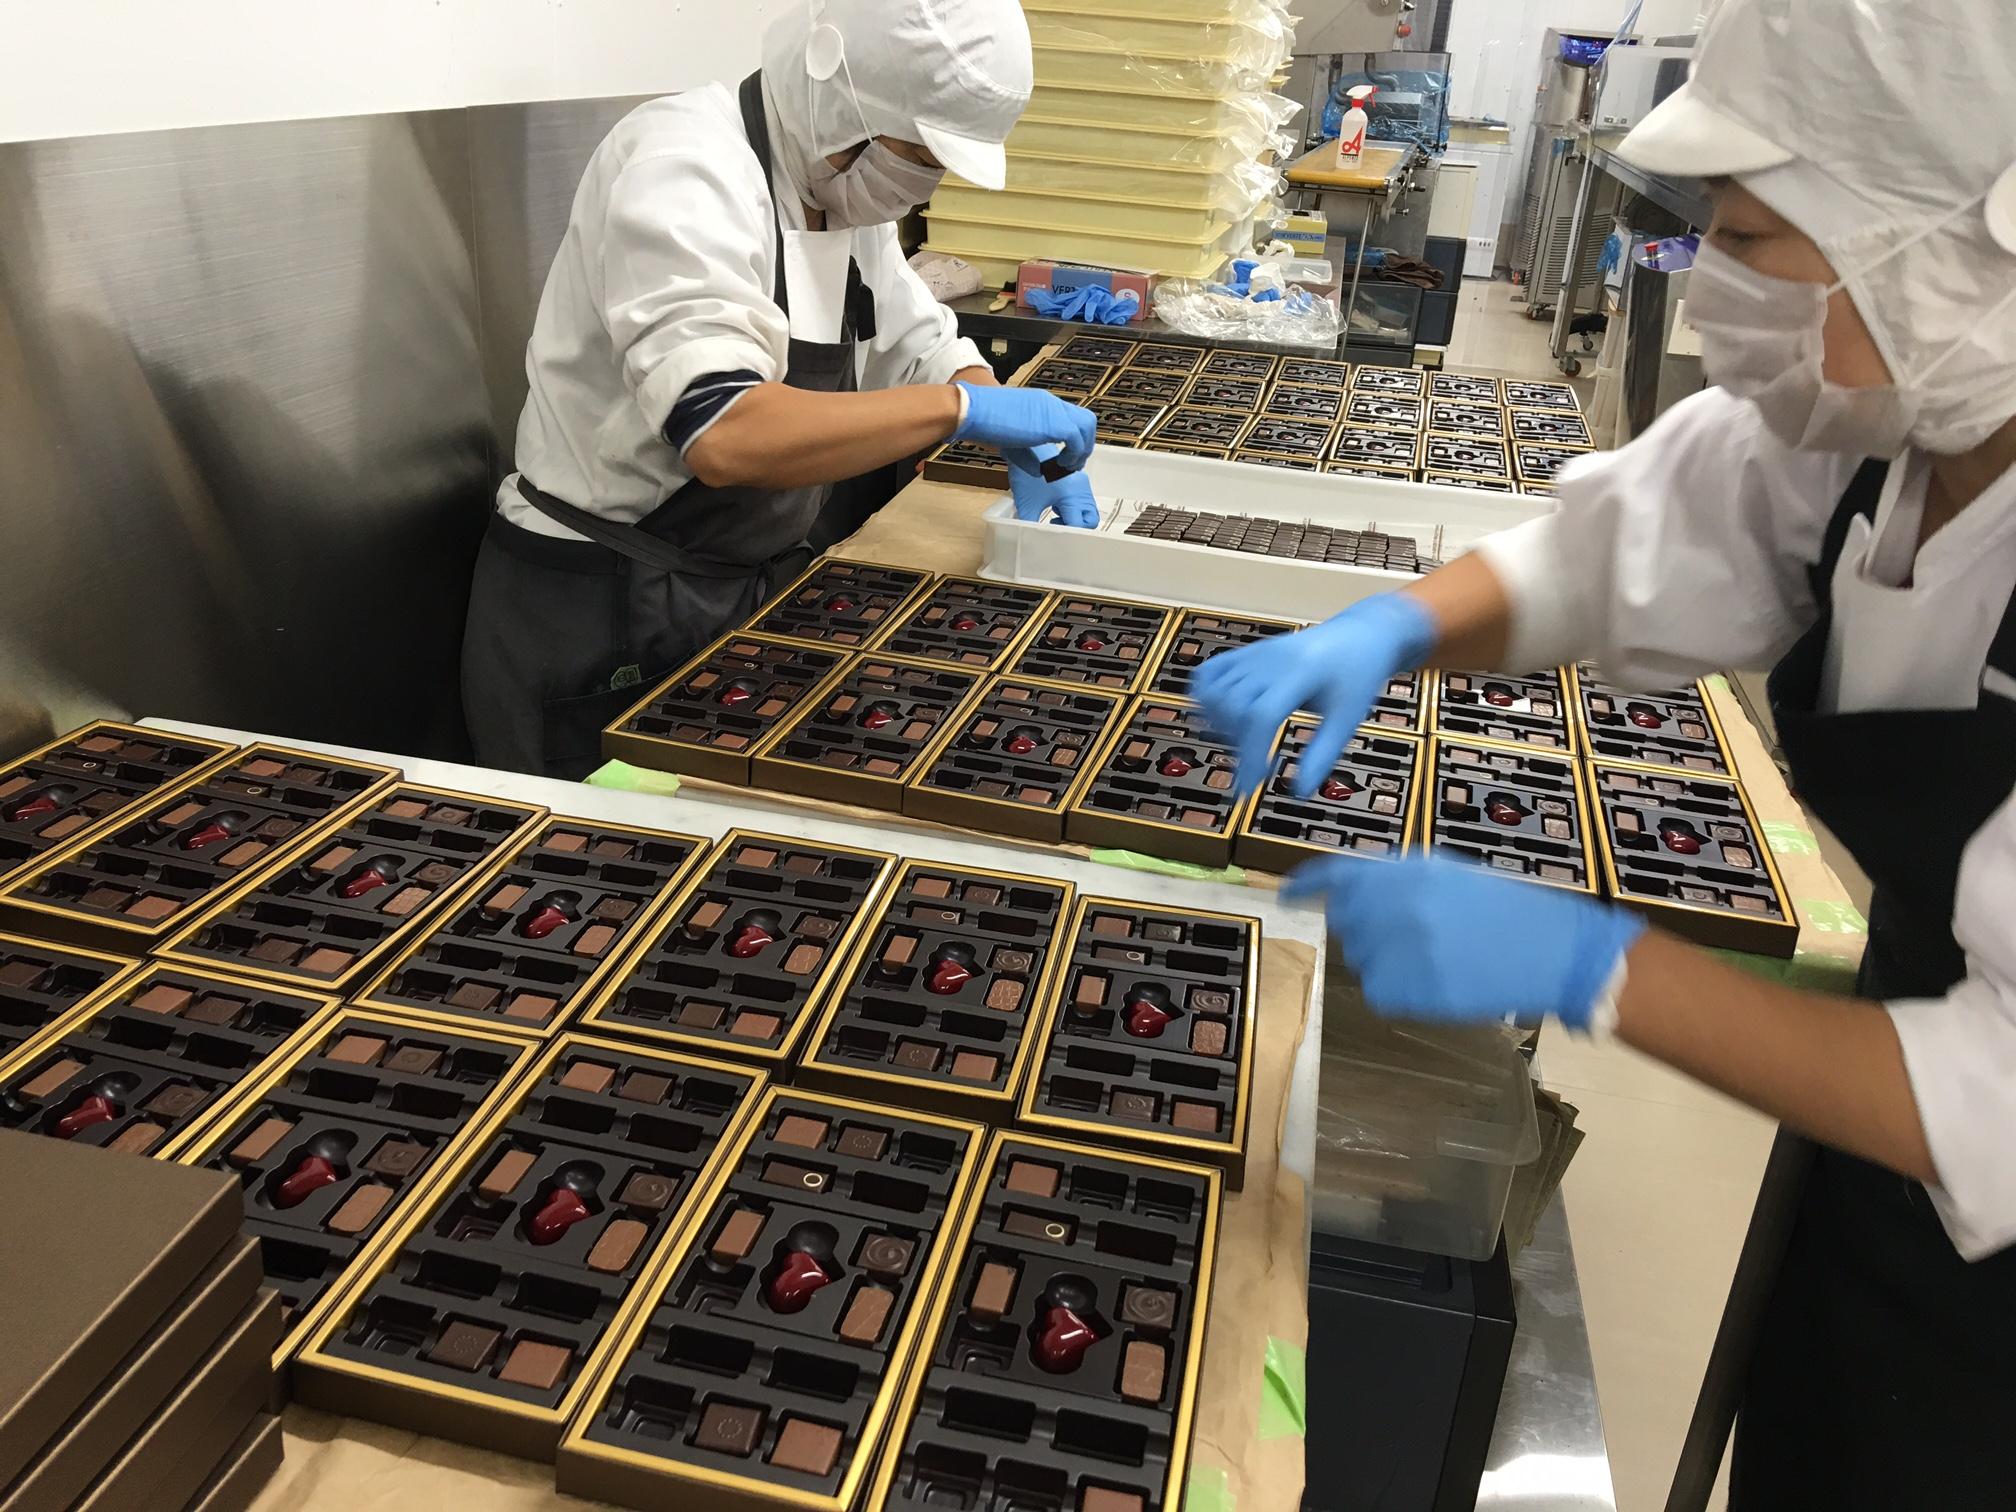 Đơn hàng 1 năm sản xuất socola LƯƠNG CAO, PHÍ THẤP tại Fukuoka